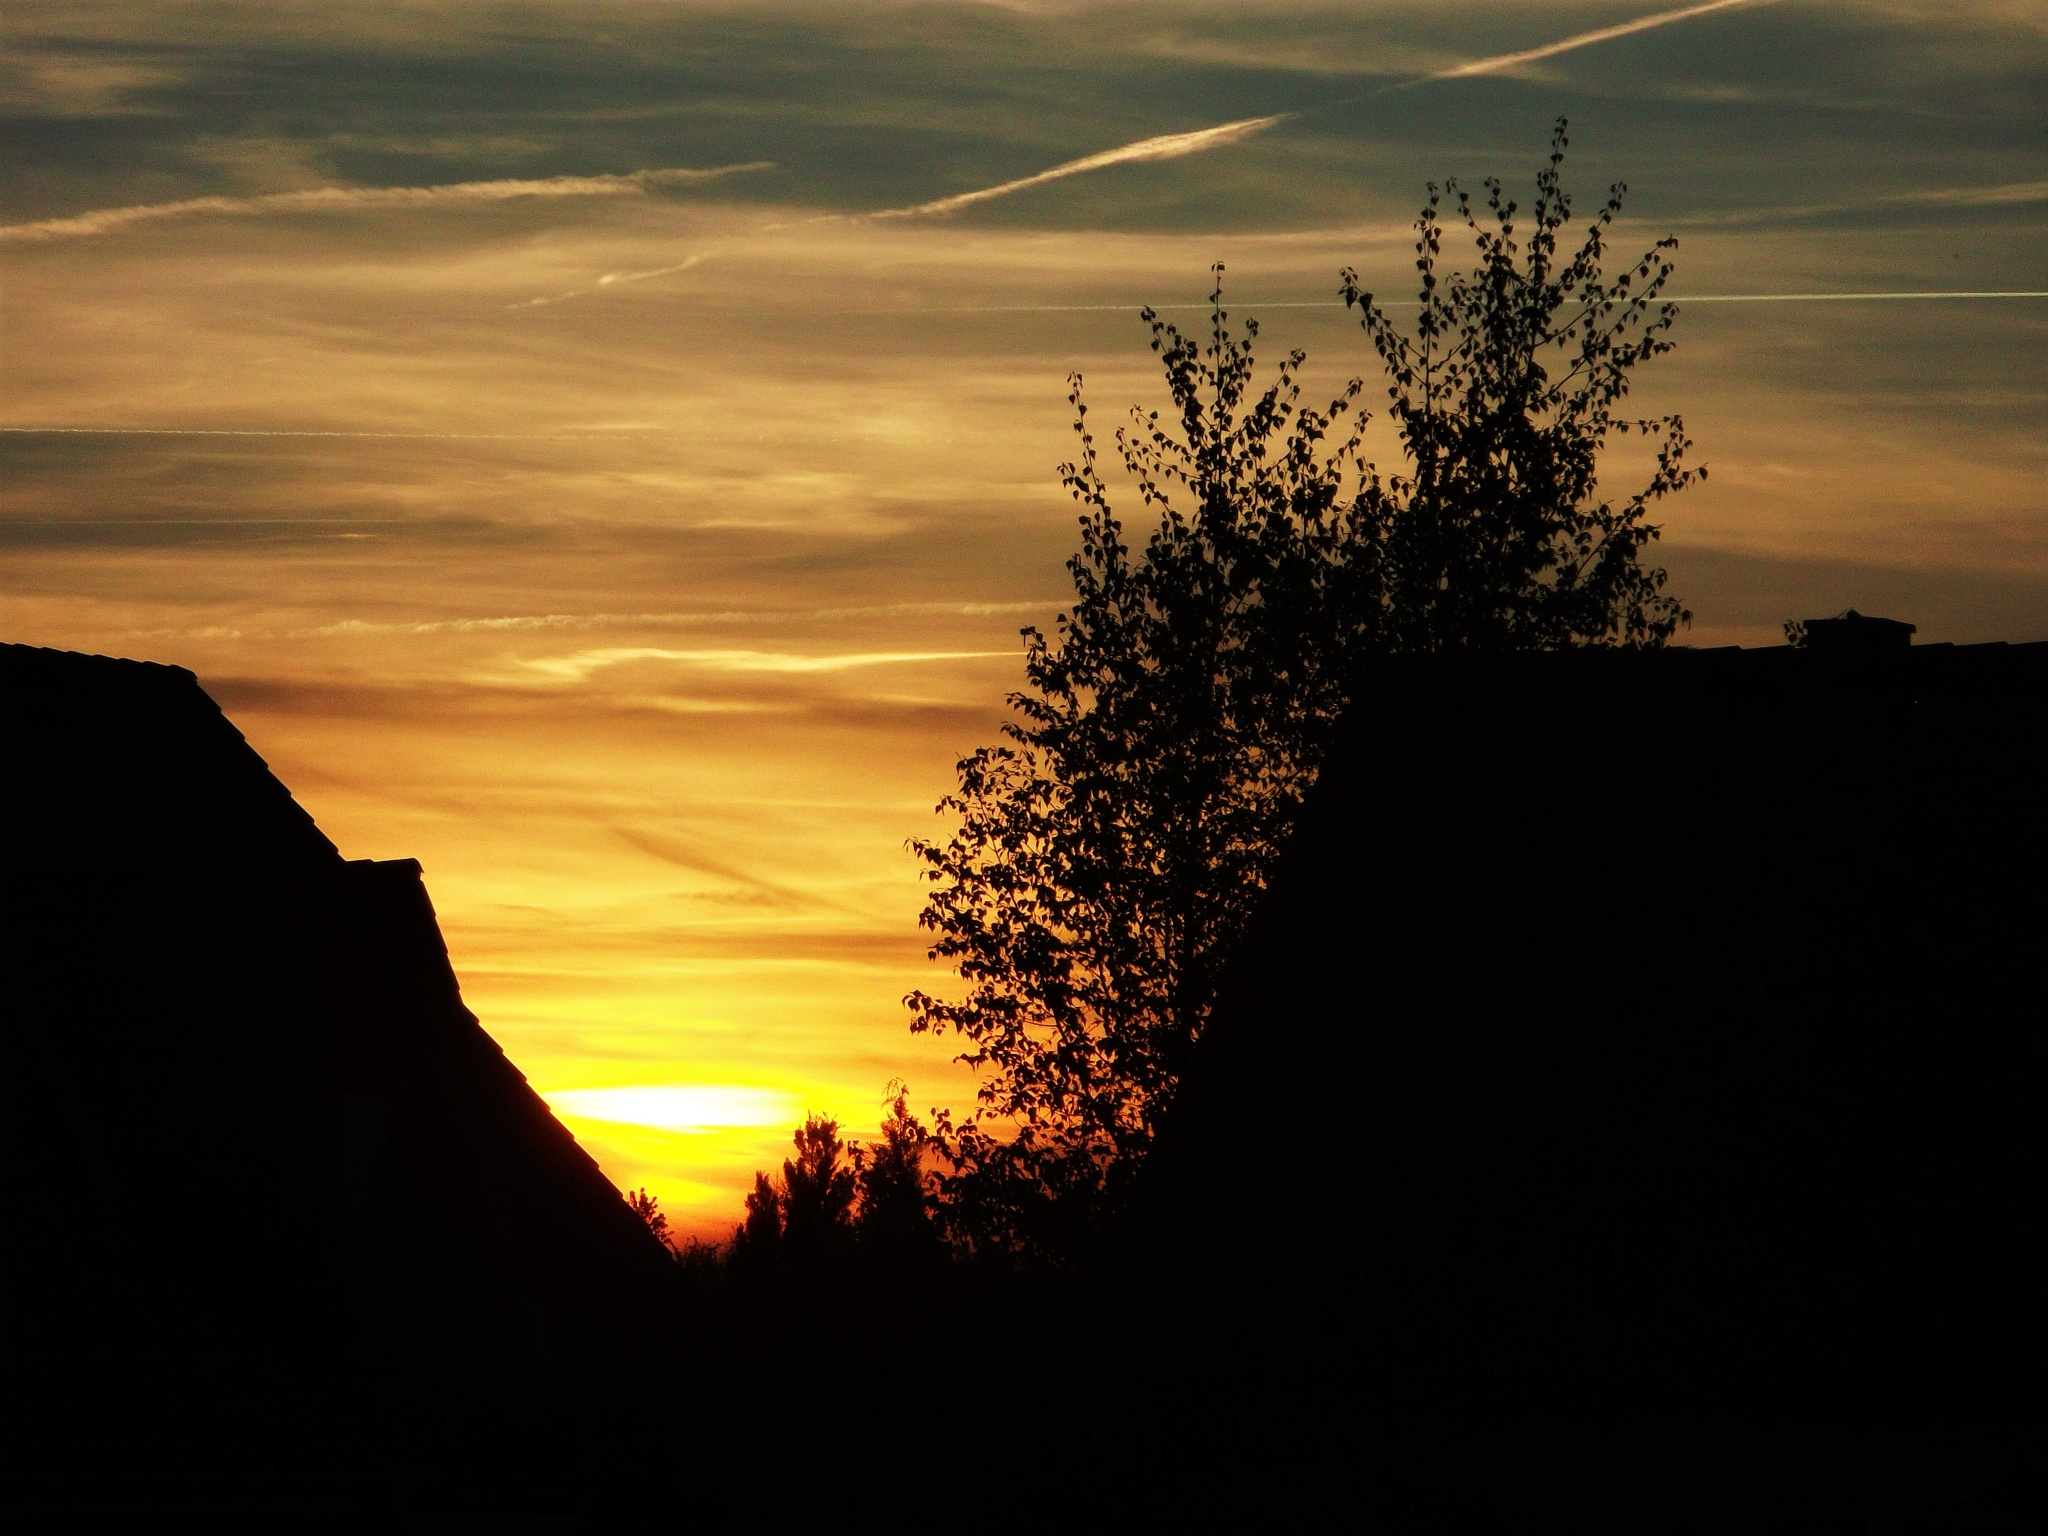 Soooo many sunsets by Annalena Hahn